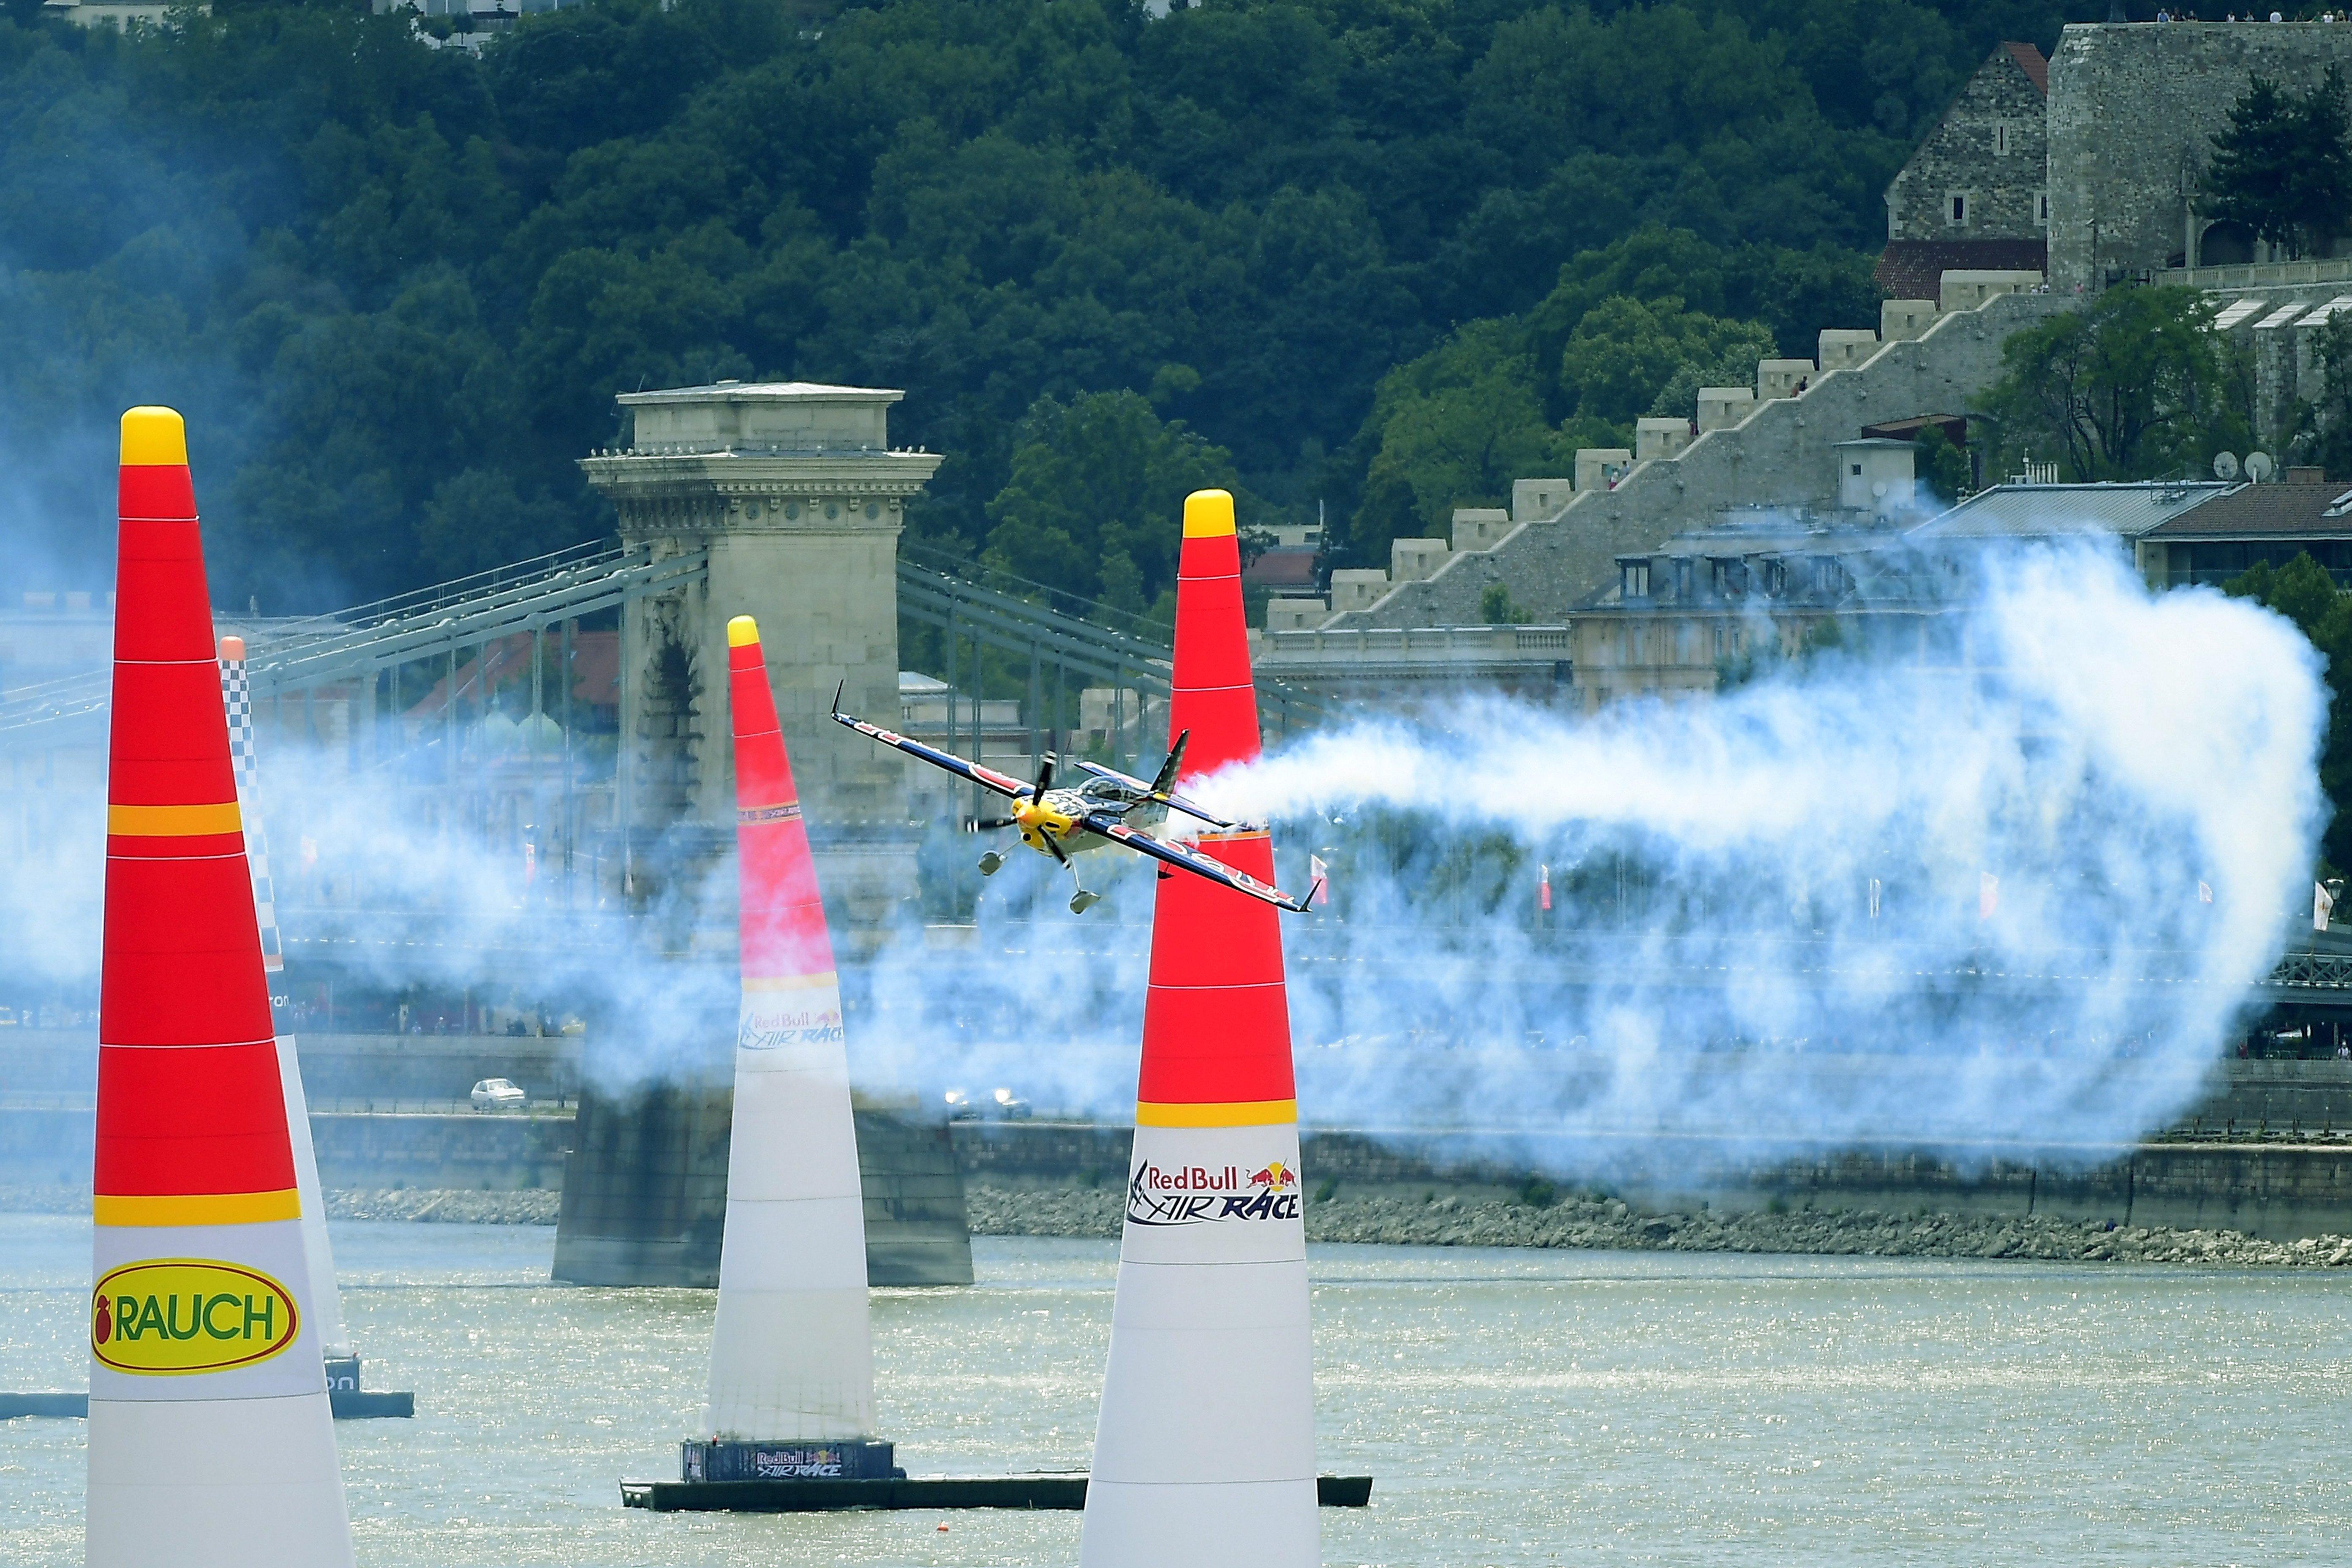 Ha jövőre is engedélyezik a Red Bull Air Race-t, a döntéshozók otthonánál fog zajongani állampolgárok egy csoportja